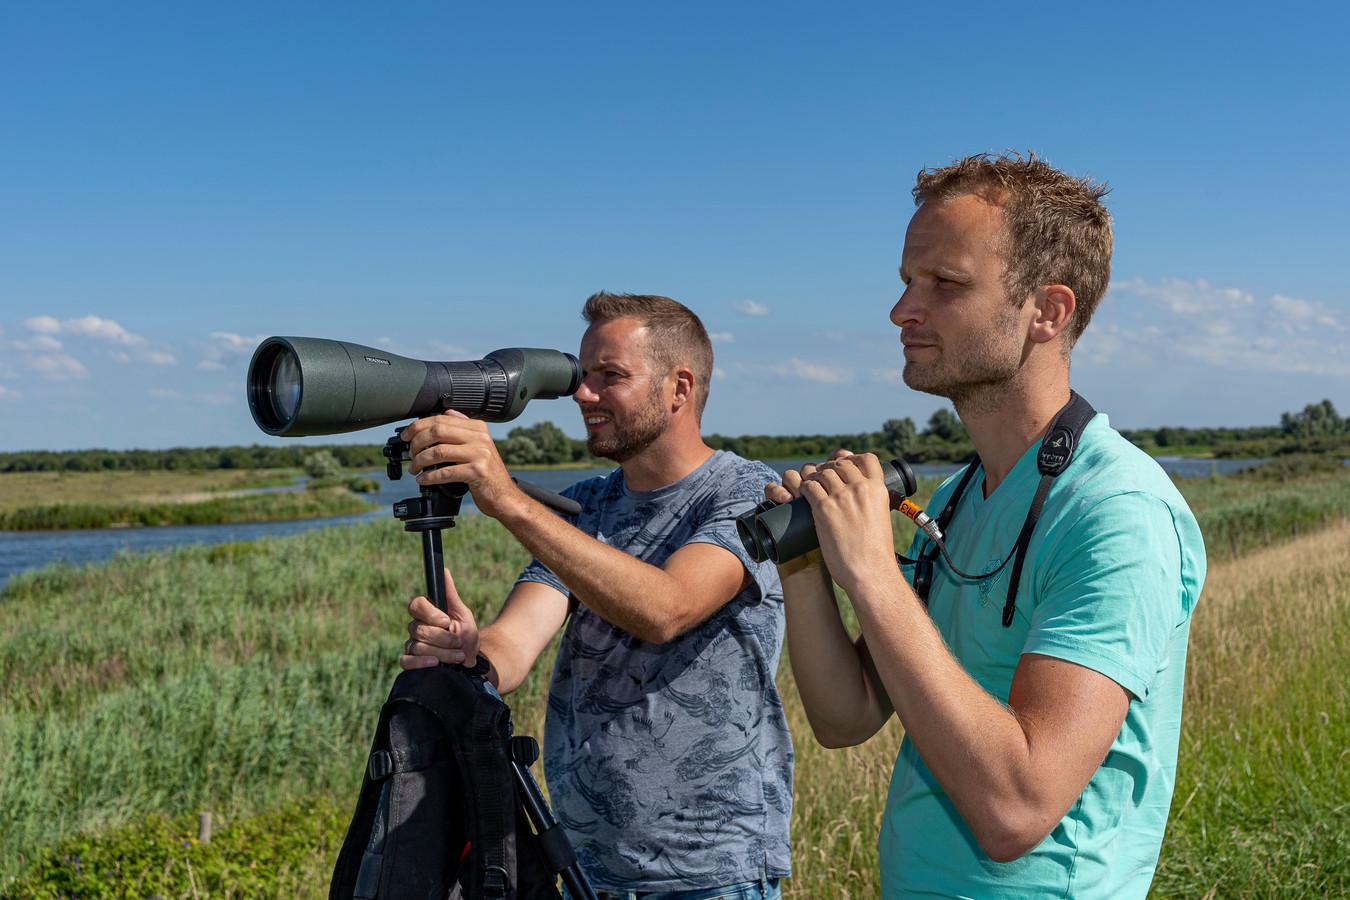 Ecoloog Dirk van Straalen (l), en beleidsmedewerker Kees van der Vlugt van Stichting Het Zeeuwse Landschap spotten vogels in het Volkerak